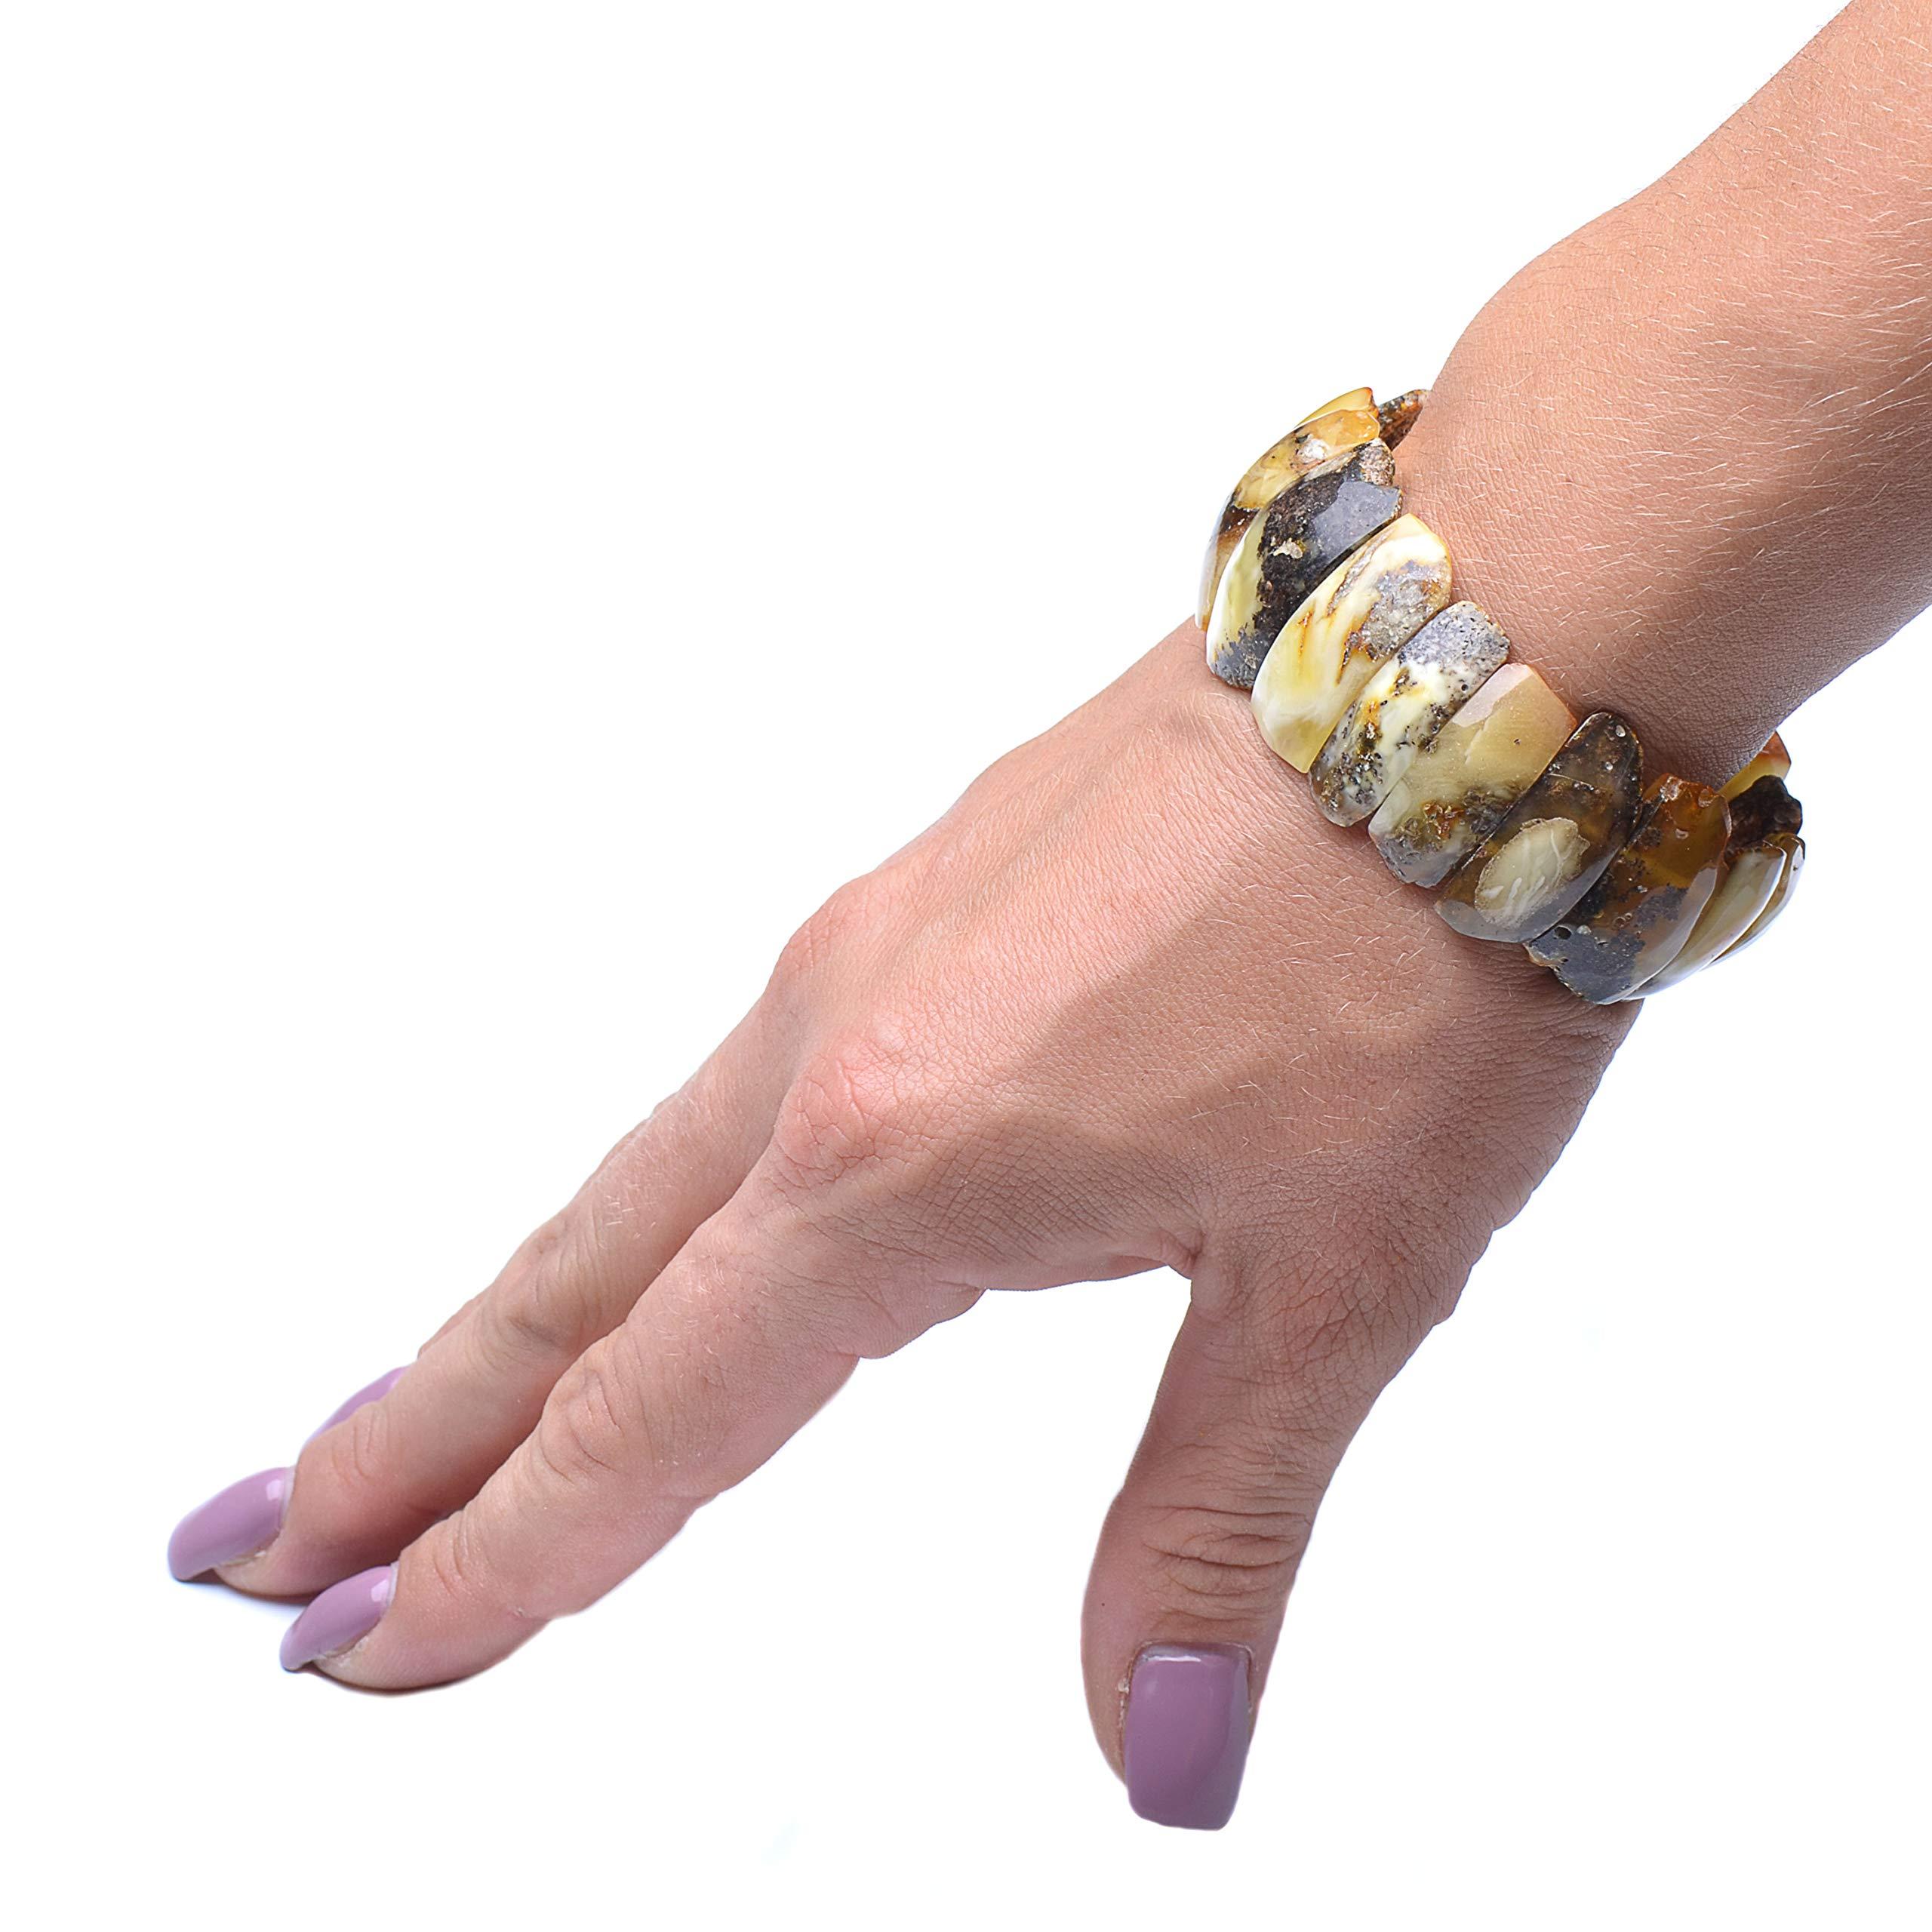 Colorful Amber Bracelet - Vintage Bracelet - Amber Bracelet - Vintage Amber Bracelet - Baltic Amber Bracelet by Genuine Amber (Image #6)